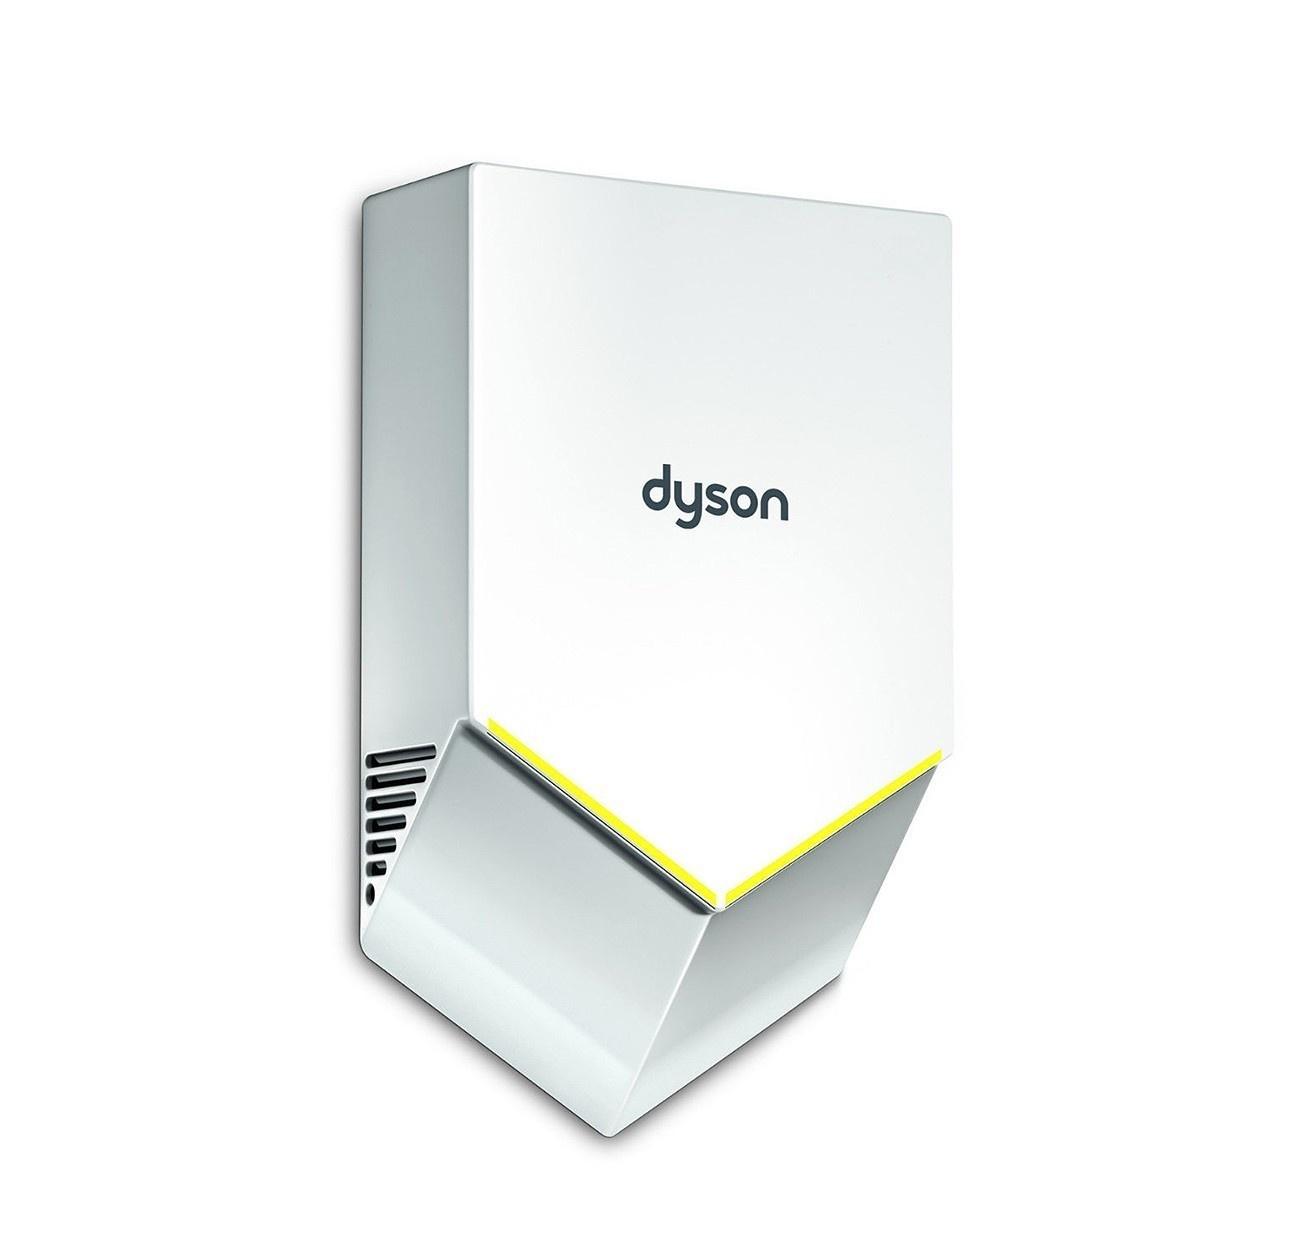 Купить сушилки dyson в москве dyson сервис москва